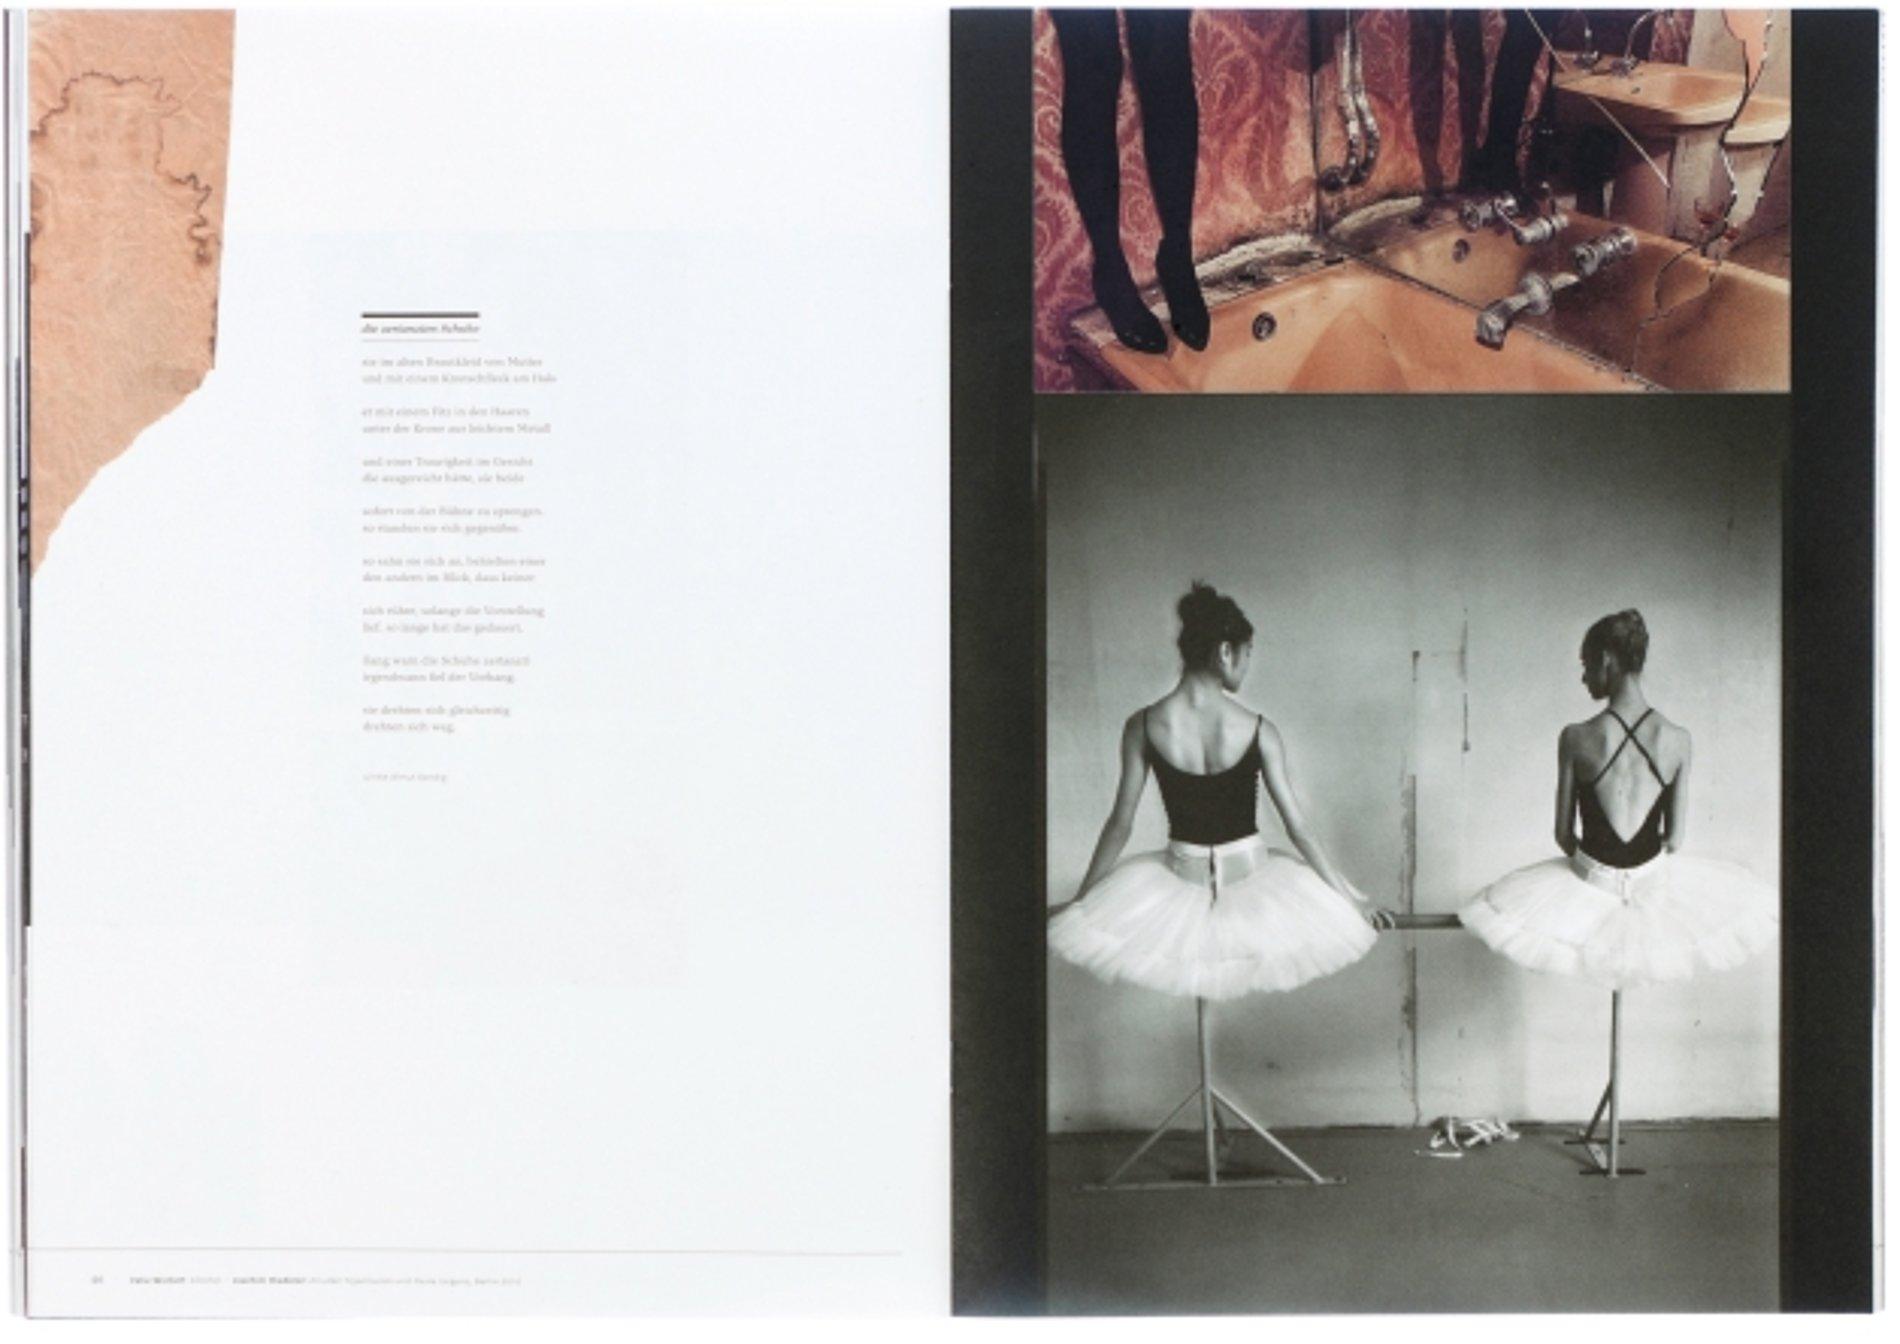 Der Greif – Magazin für Fotografie und Literatur | Red Dot Design Award